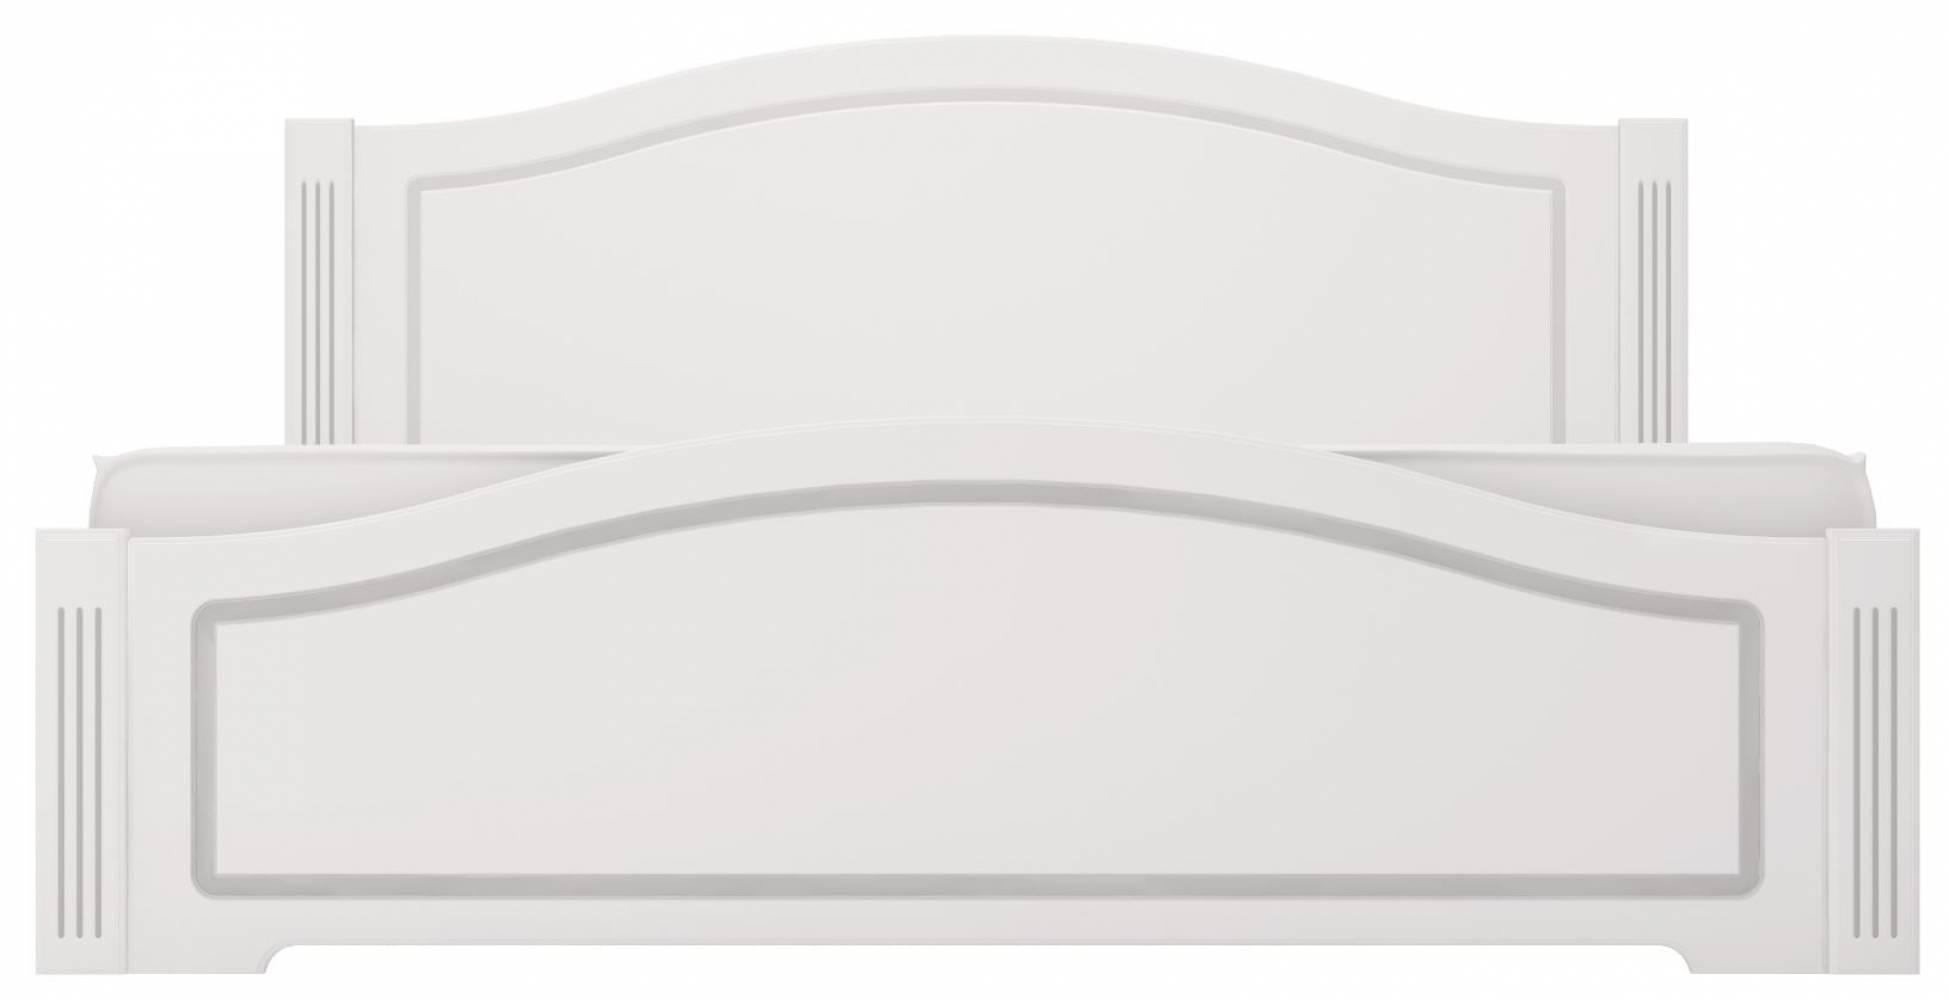 33 Кровать 120*200 см с подъемным механизмом, без матраса Виктория